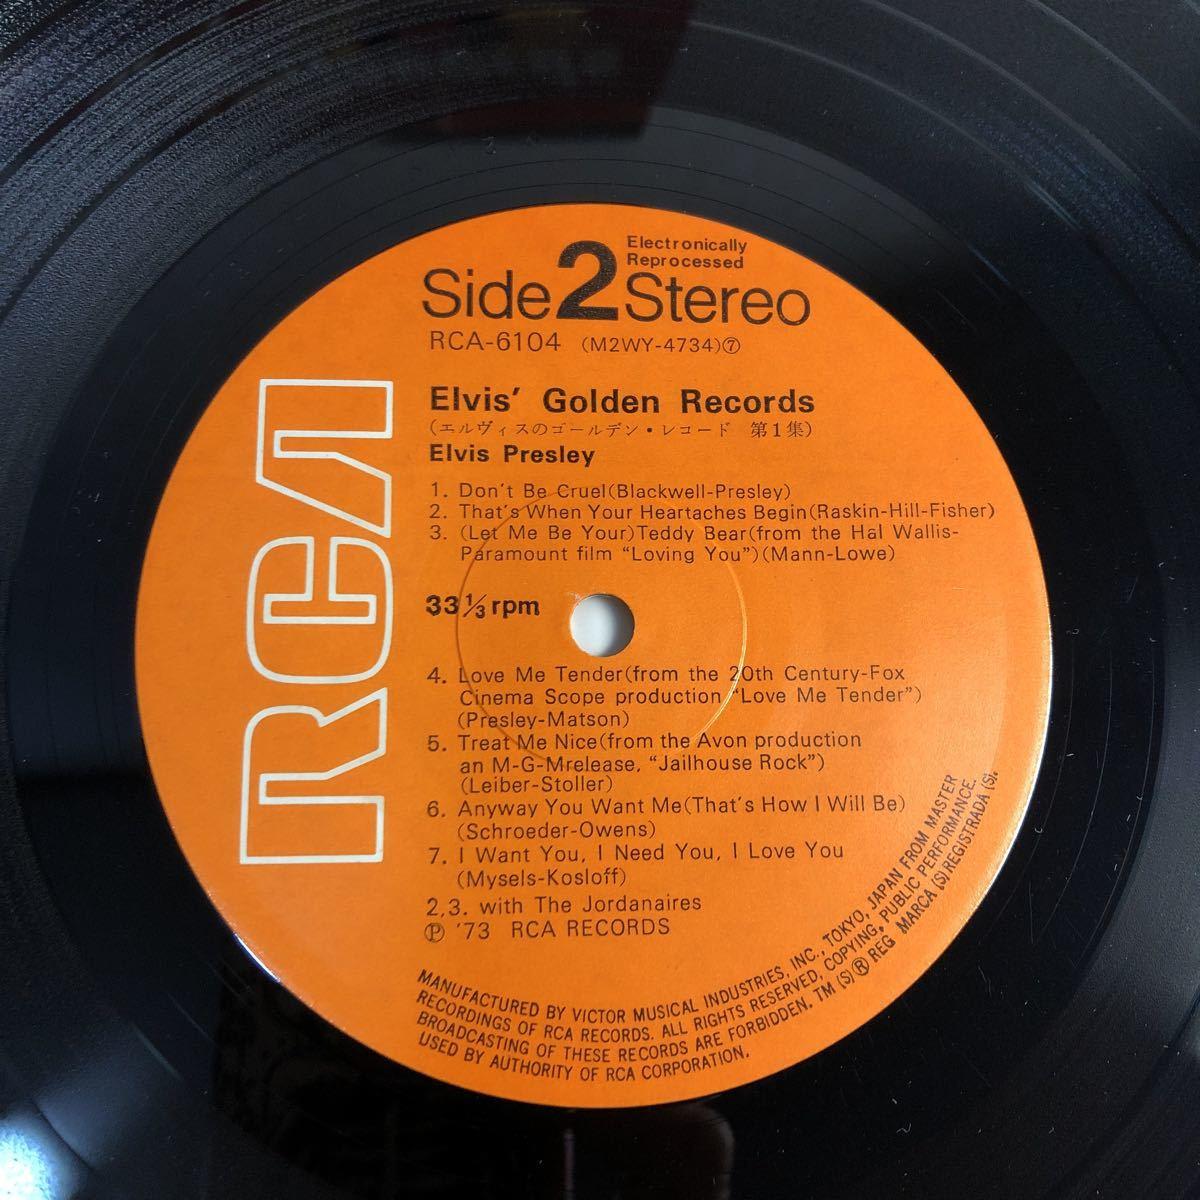 レア盤★LPレコード★エルヴィス・プレスリー★エルヴィスのゴールデン・レコード第1集★ 是非この機会に レコード多数出品中_画像7